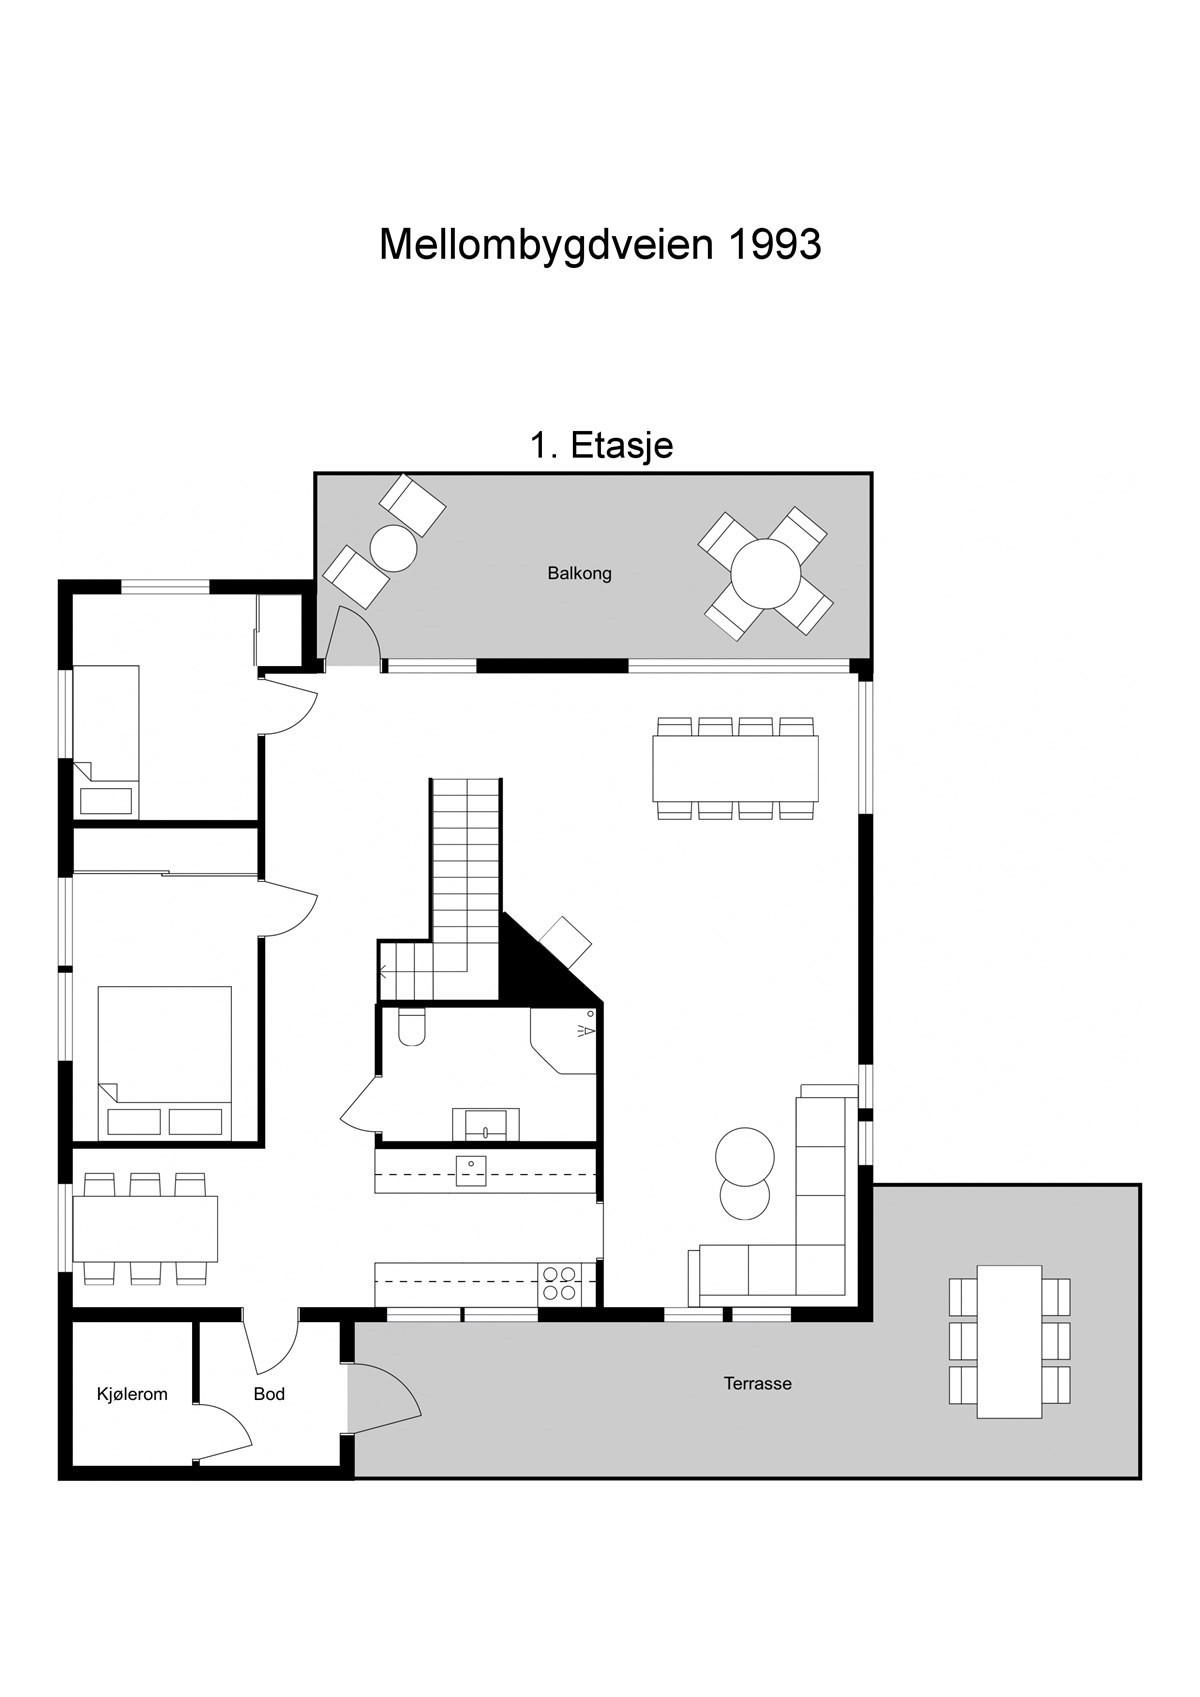 Planskisse 1 etasje